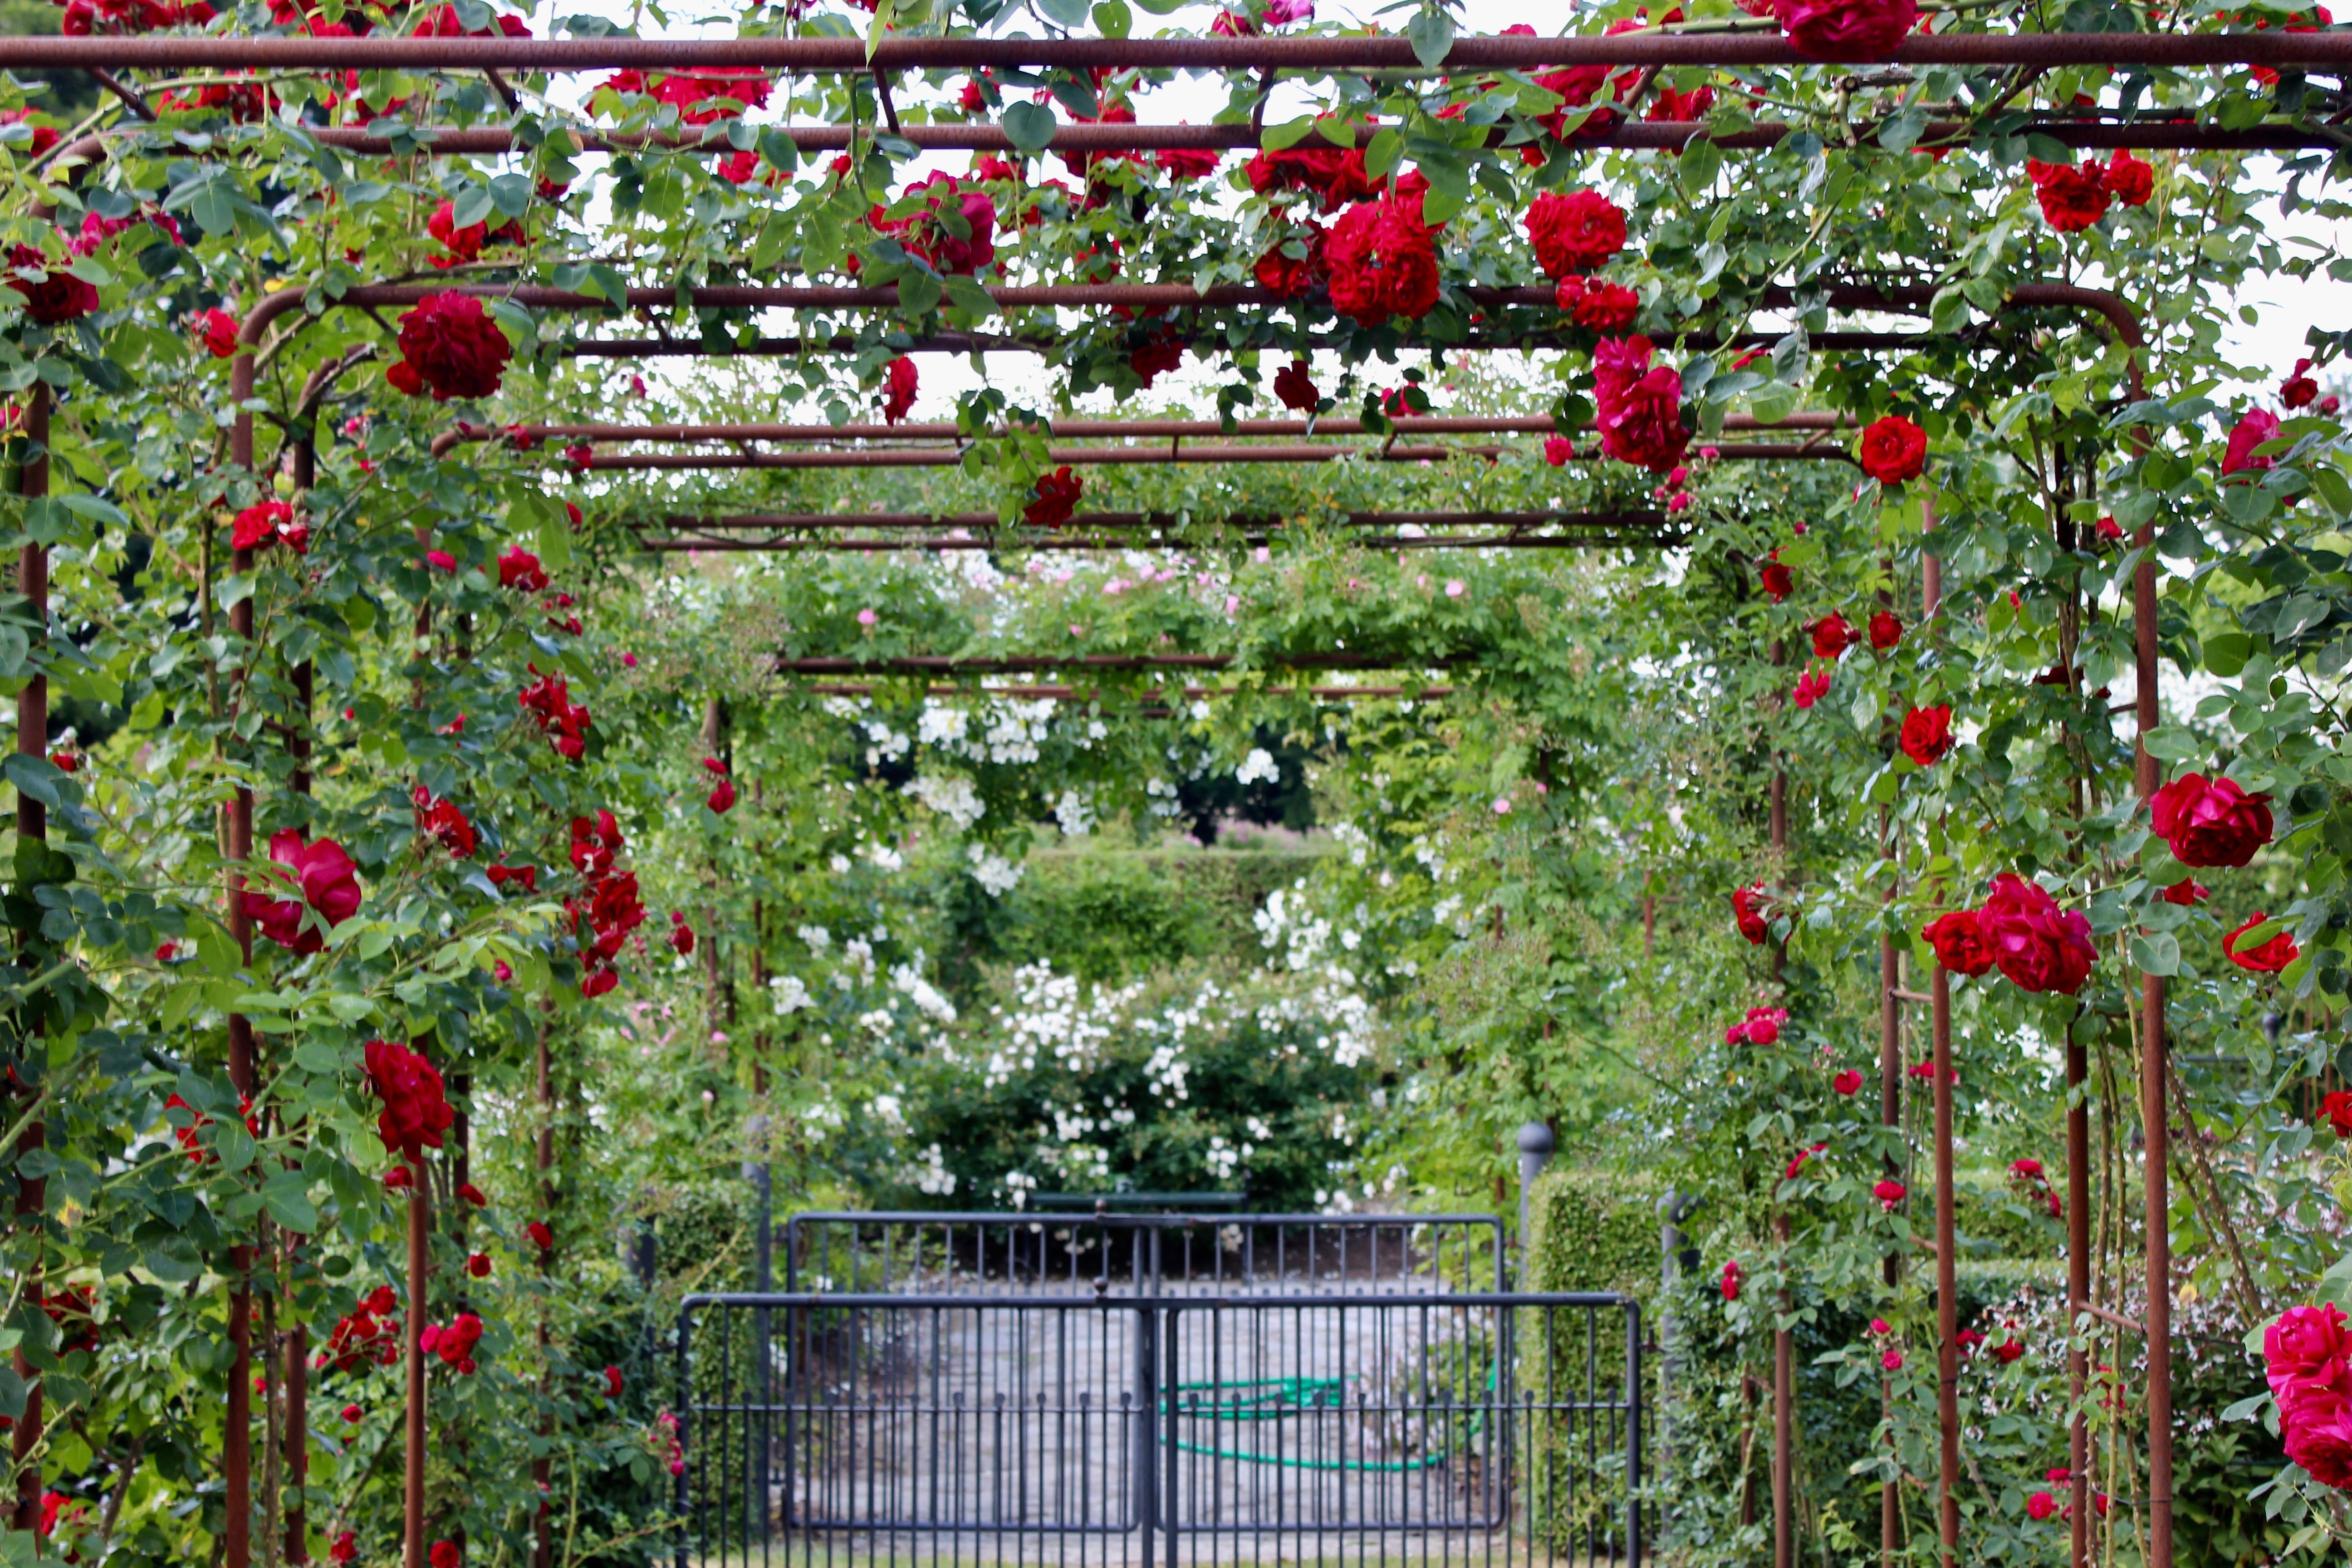 ros rosor rosenpergola Helsingborg